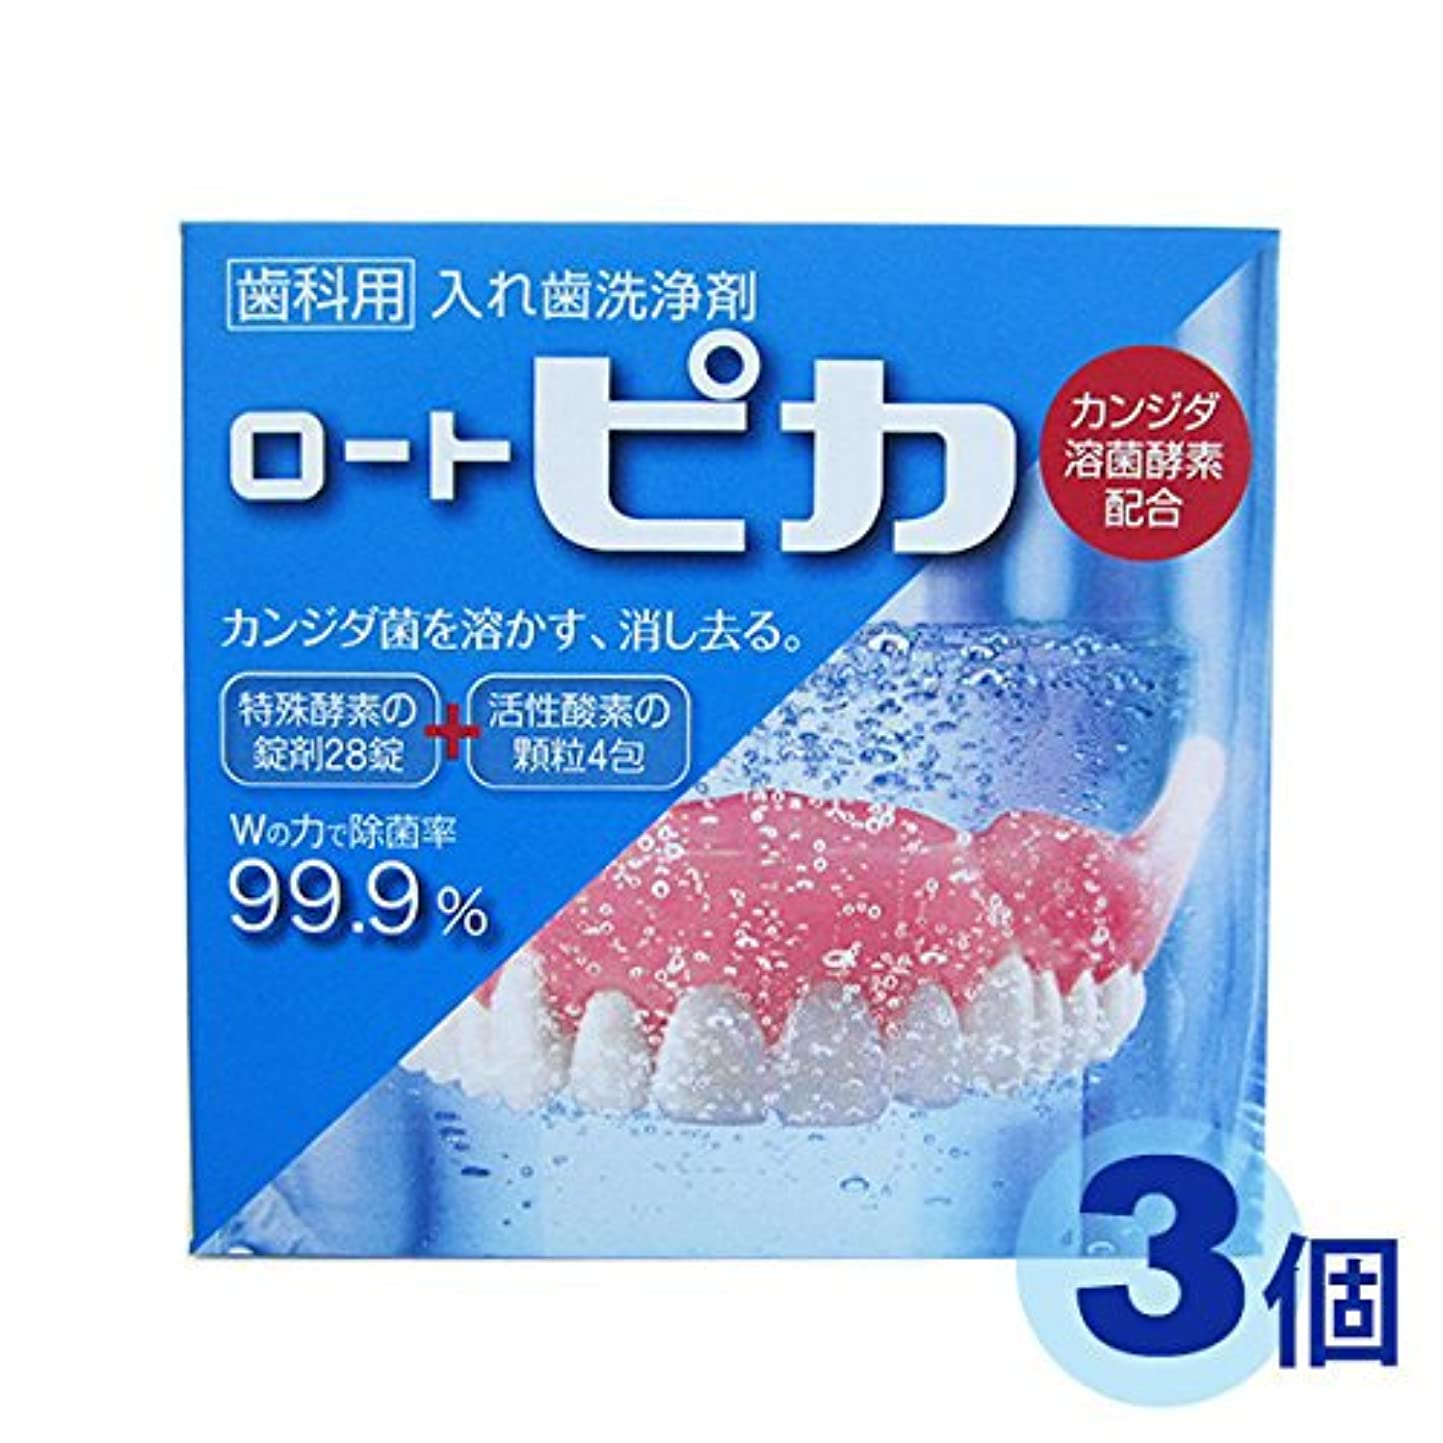 喜んでマウントバンクデコードするロート 【3個セット】【高齢者?介護用口腔ケア】 ピカ 歯科用 義歯(入れ歯)洗浄剤 3個セット便不可